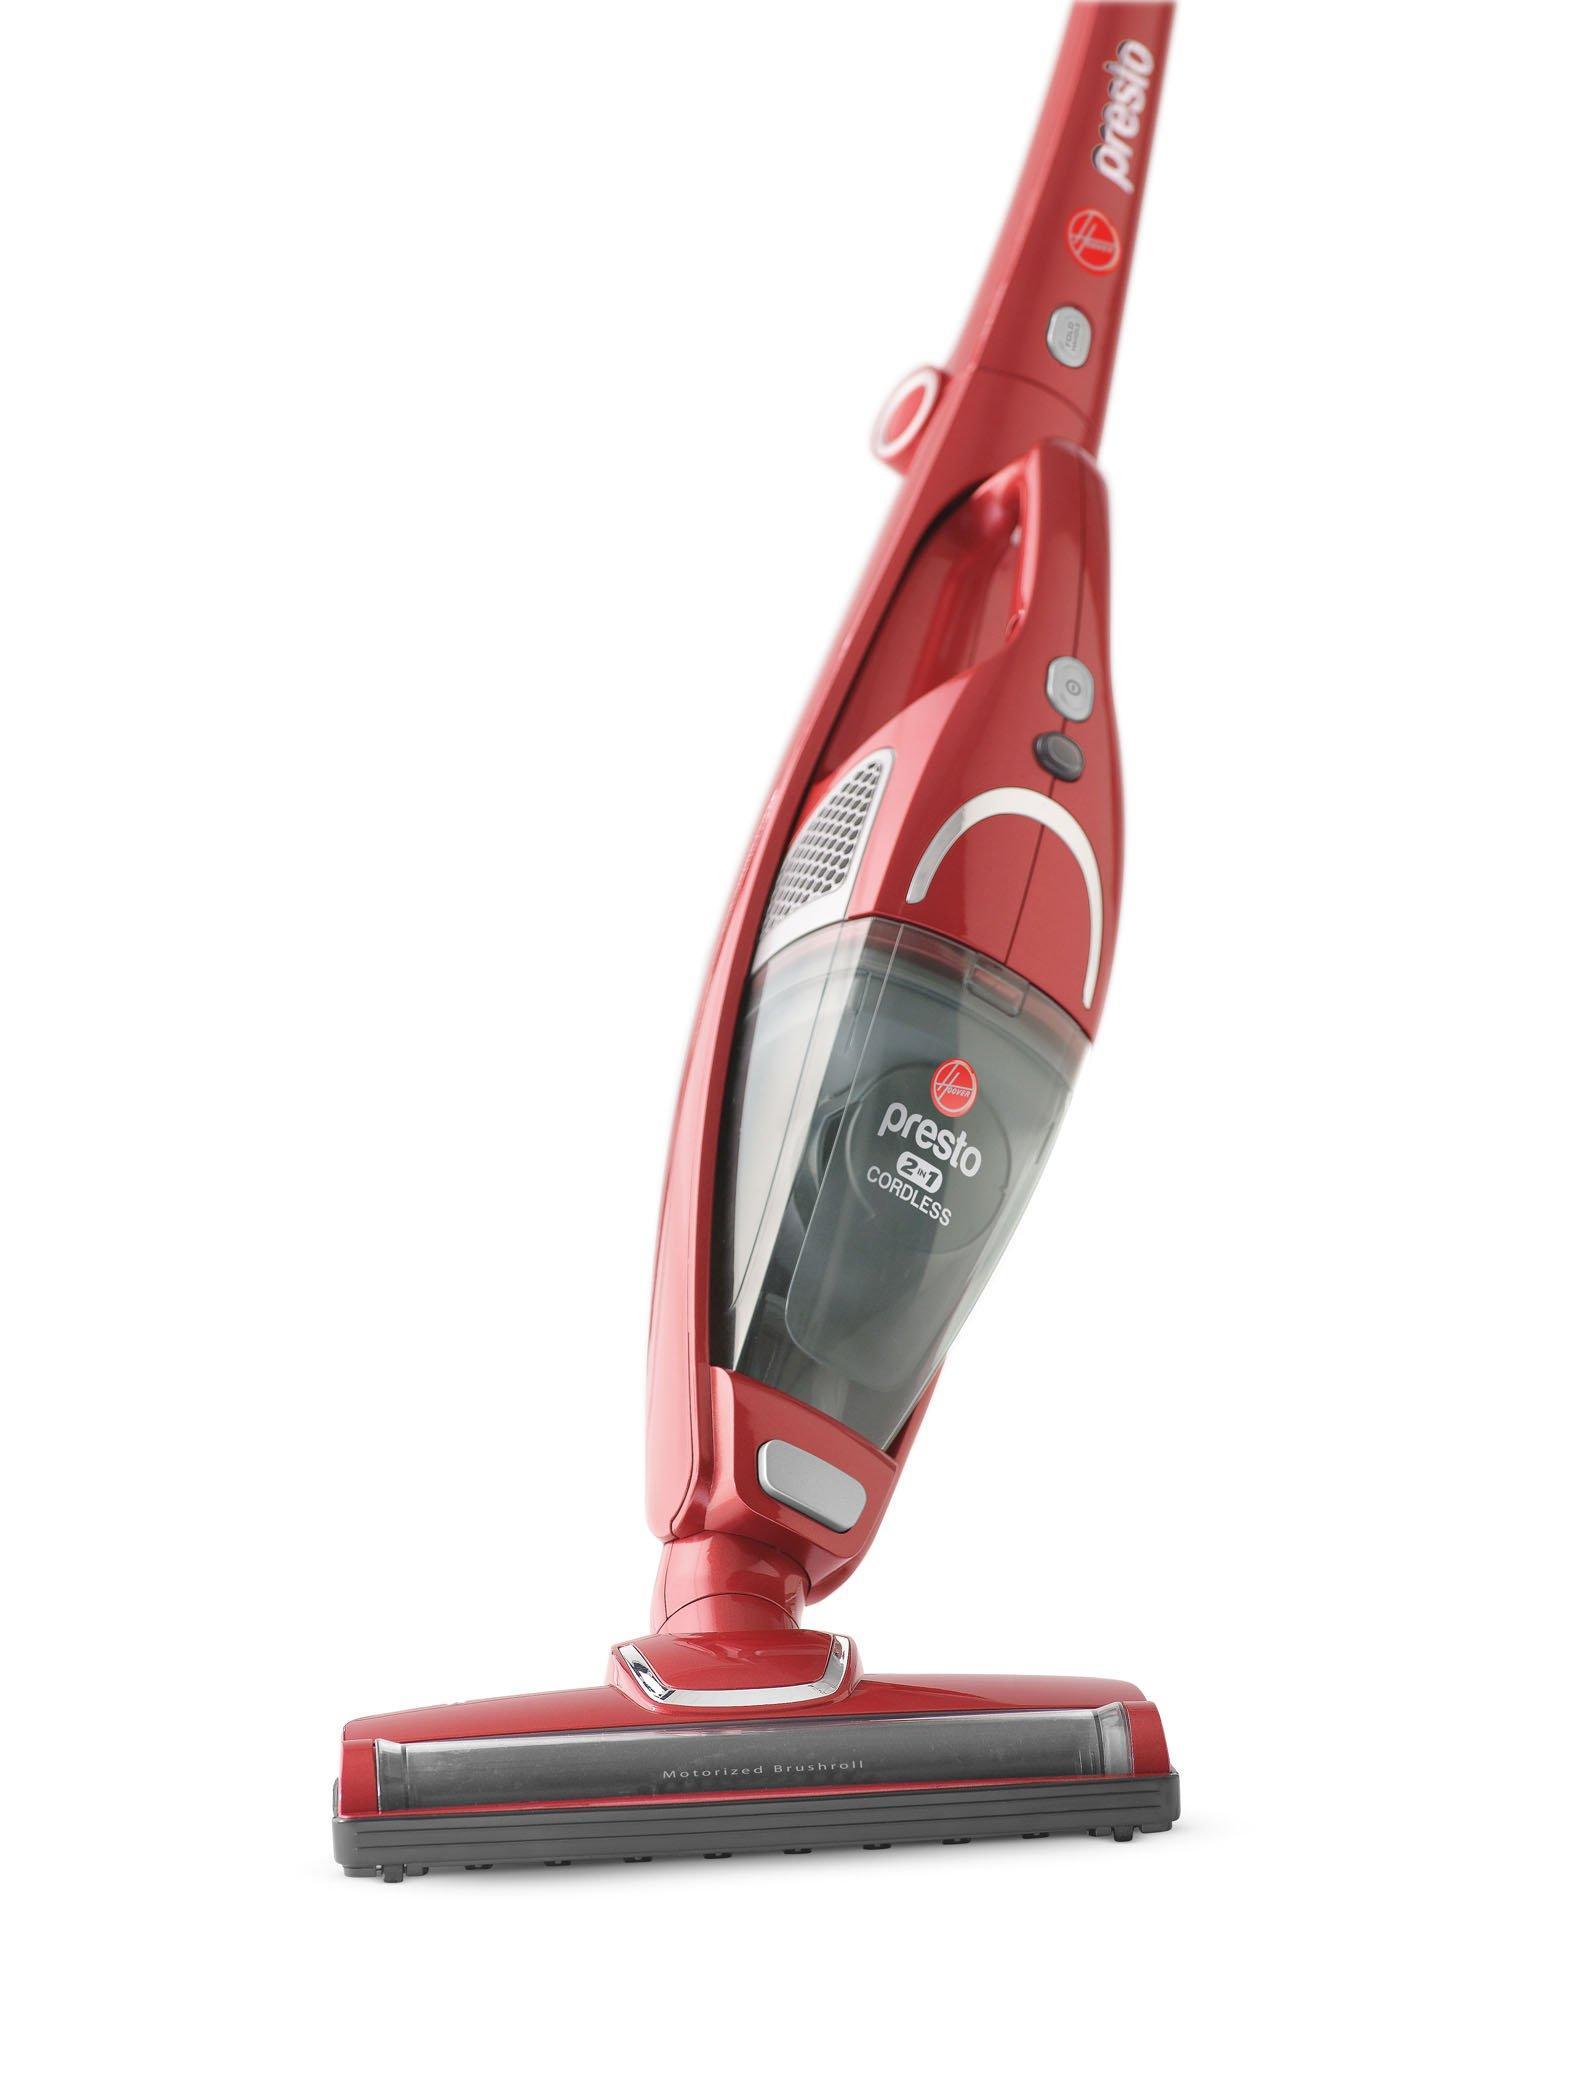 Presto 2-in-1 Cordless Stick Vacuum2